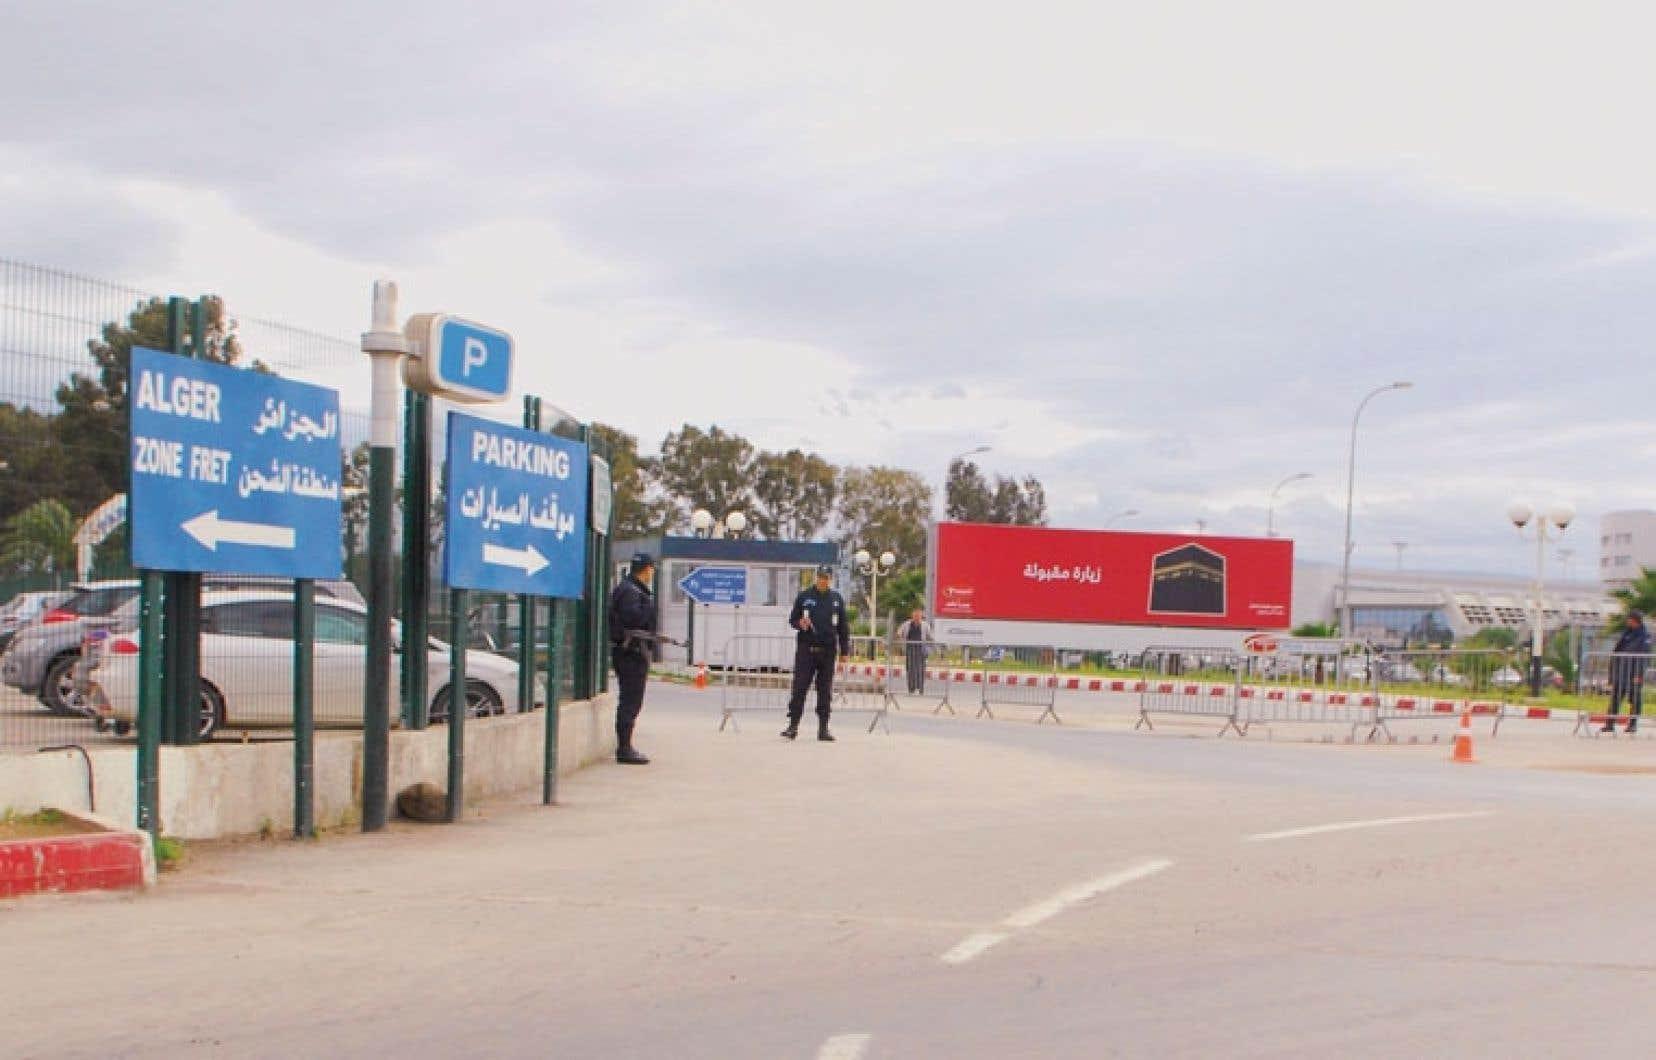 Mesures de contrôle sévères dans la région d'In Amenas, où les islamistes ont sévi.